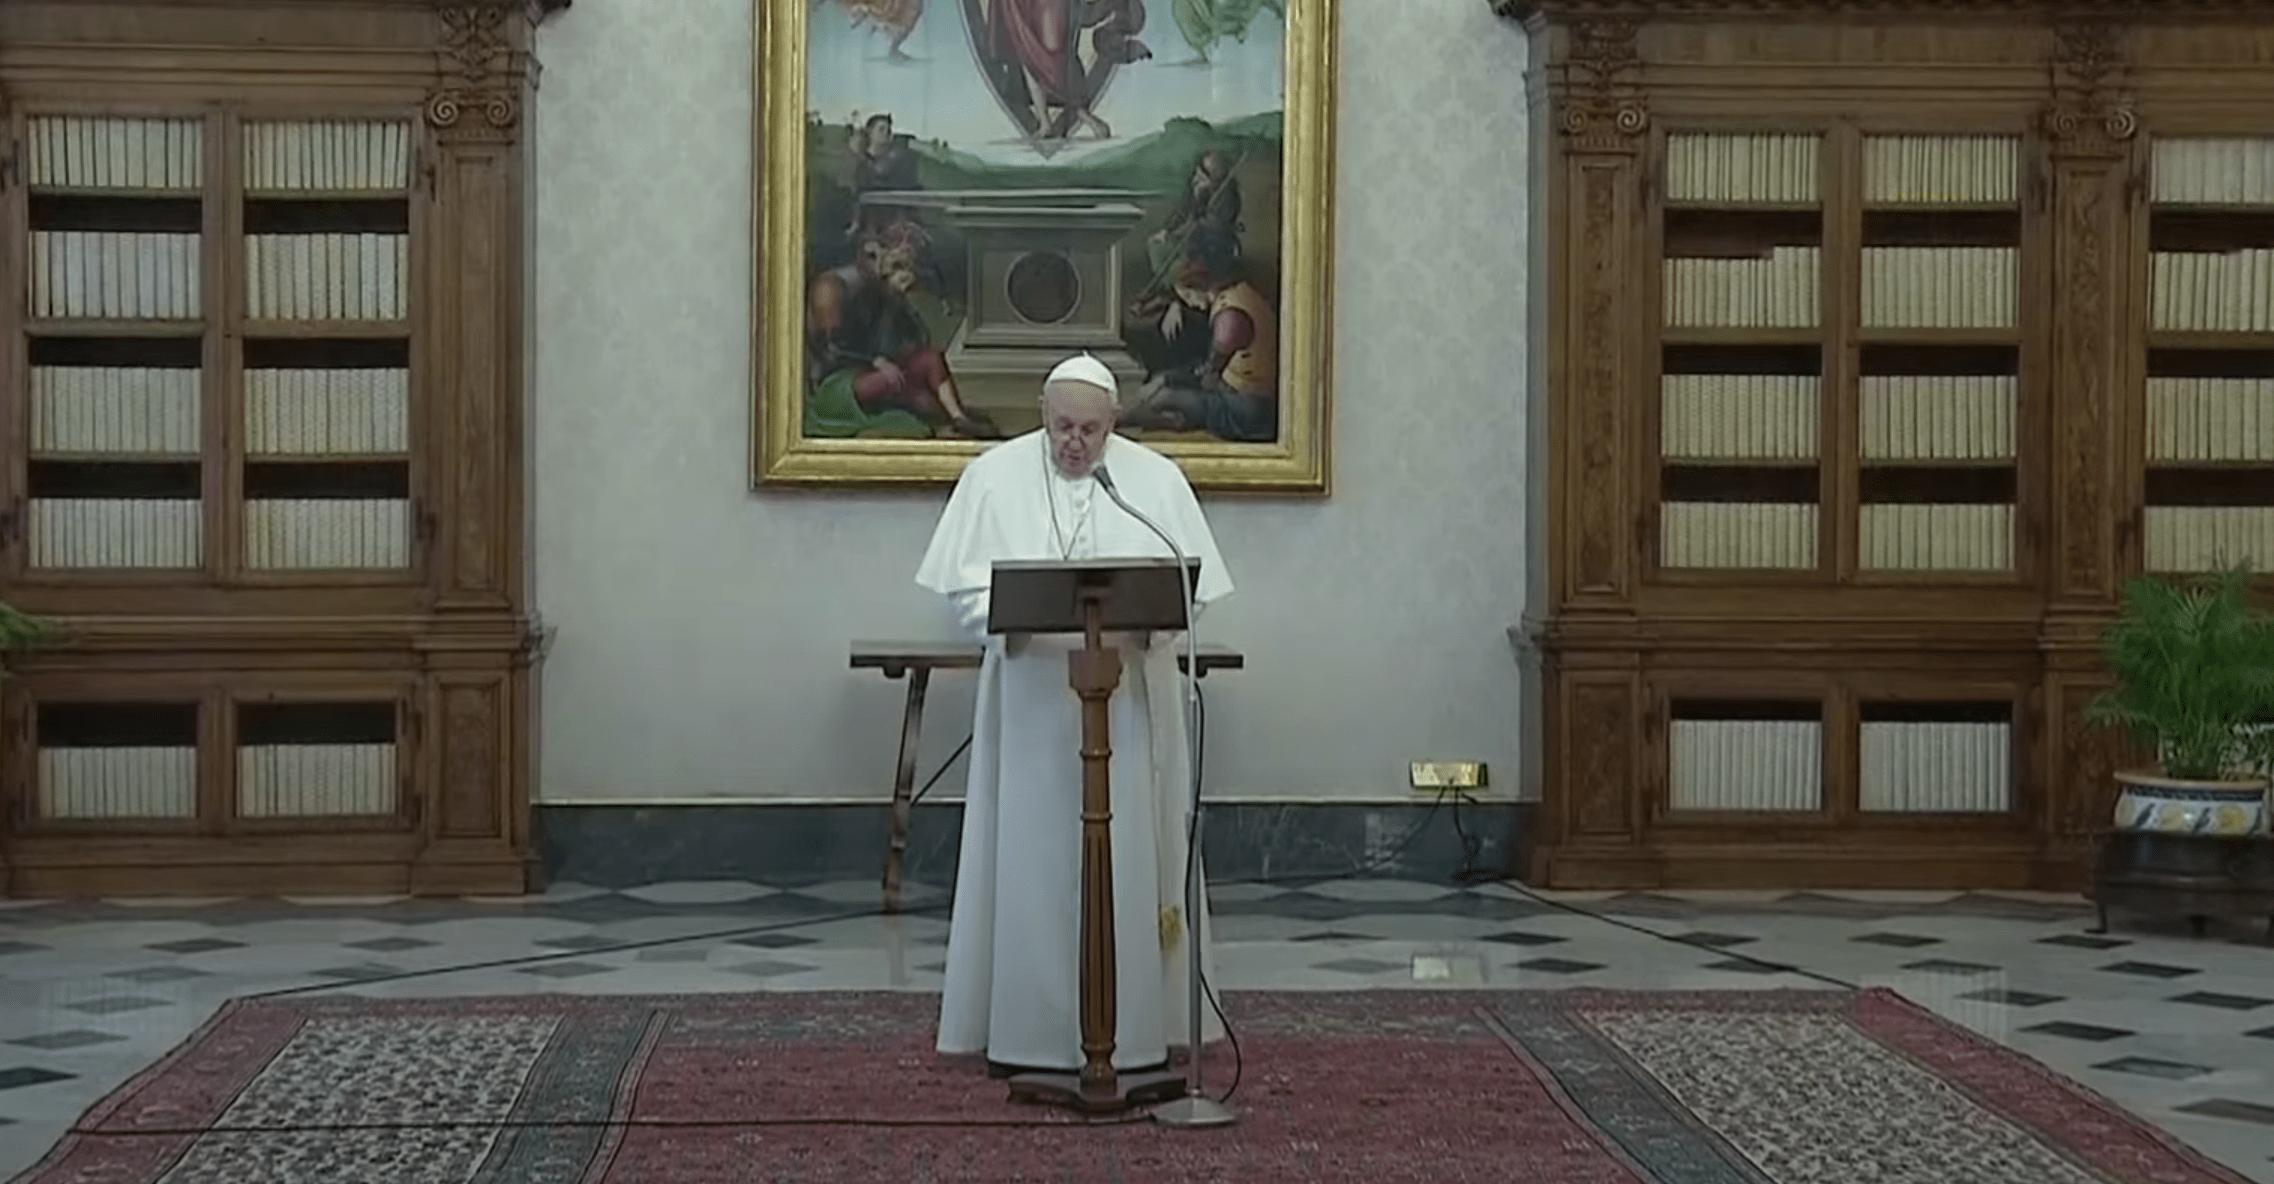 « Le Salut n'est pas automatique », déclare le pape François